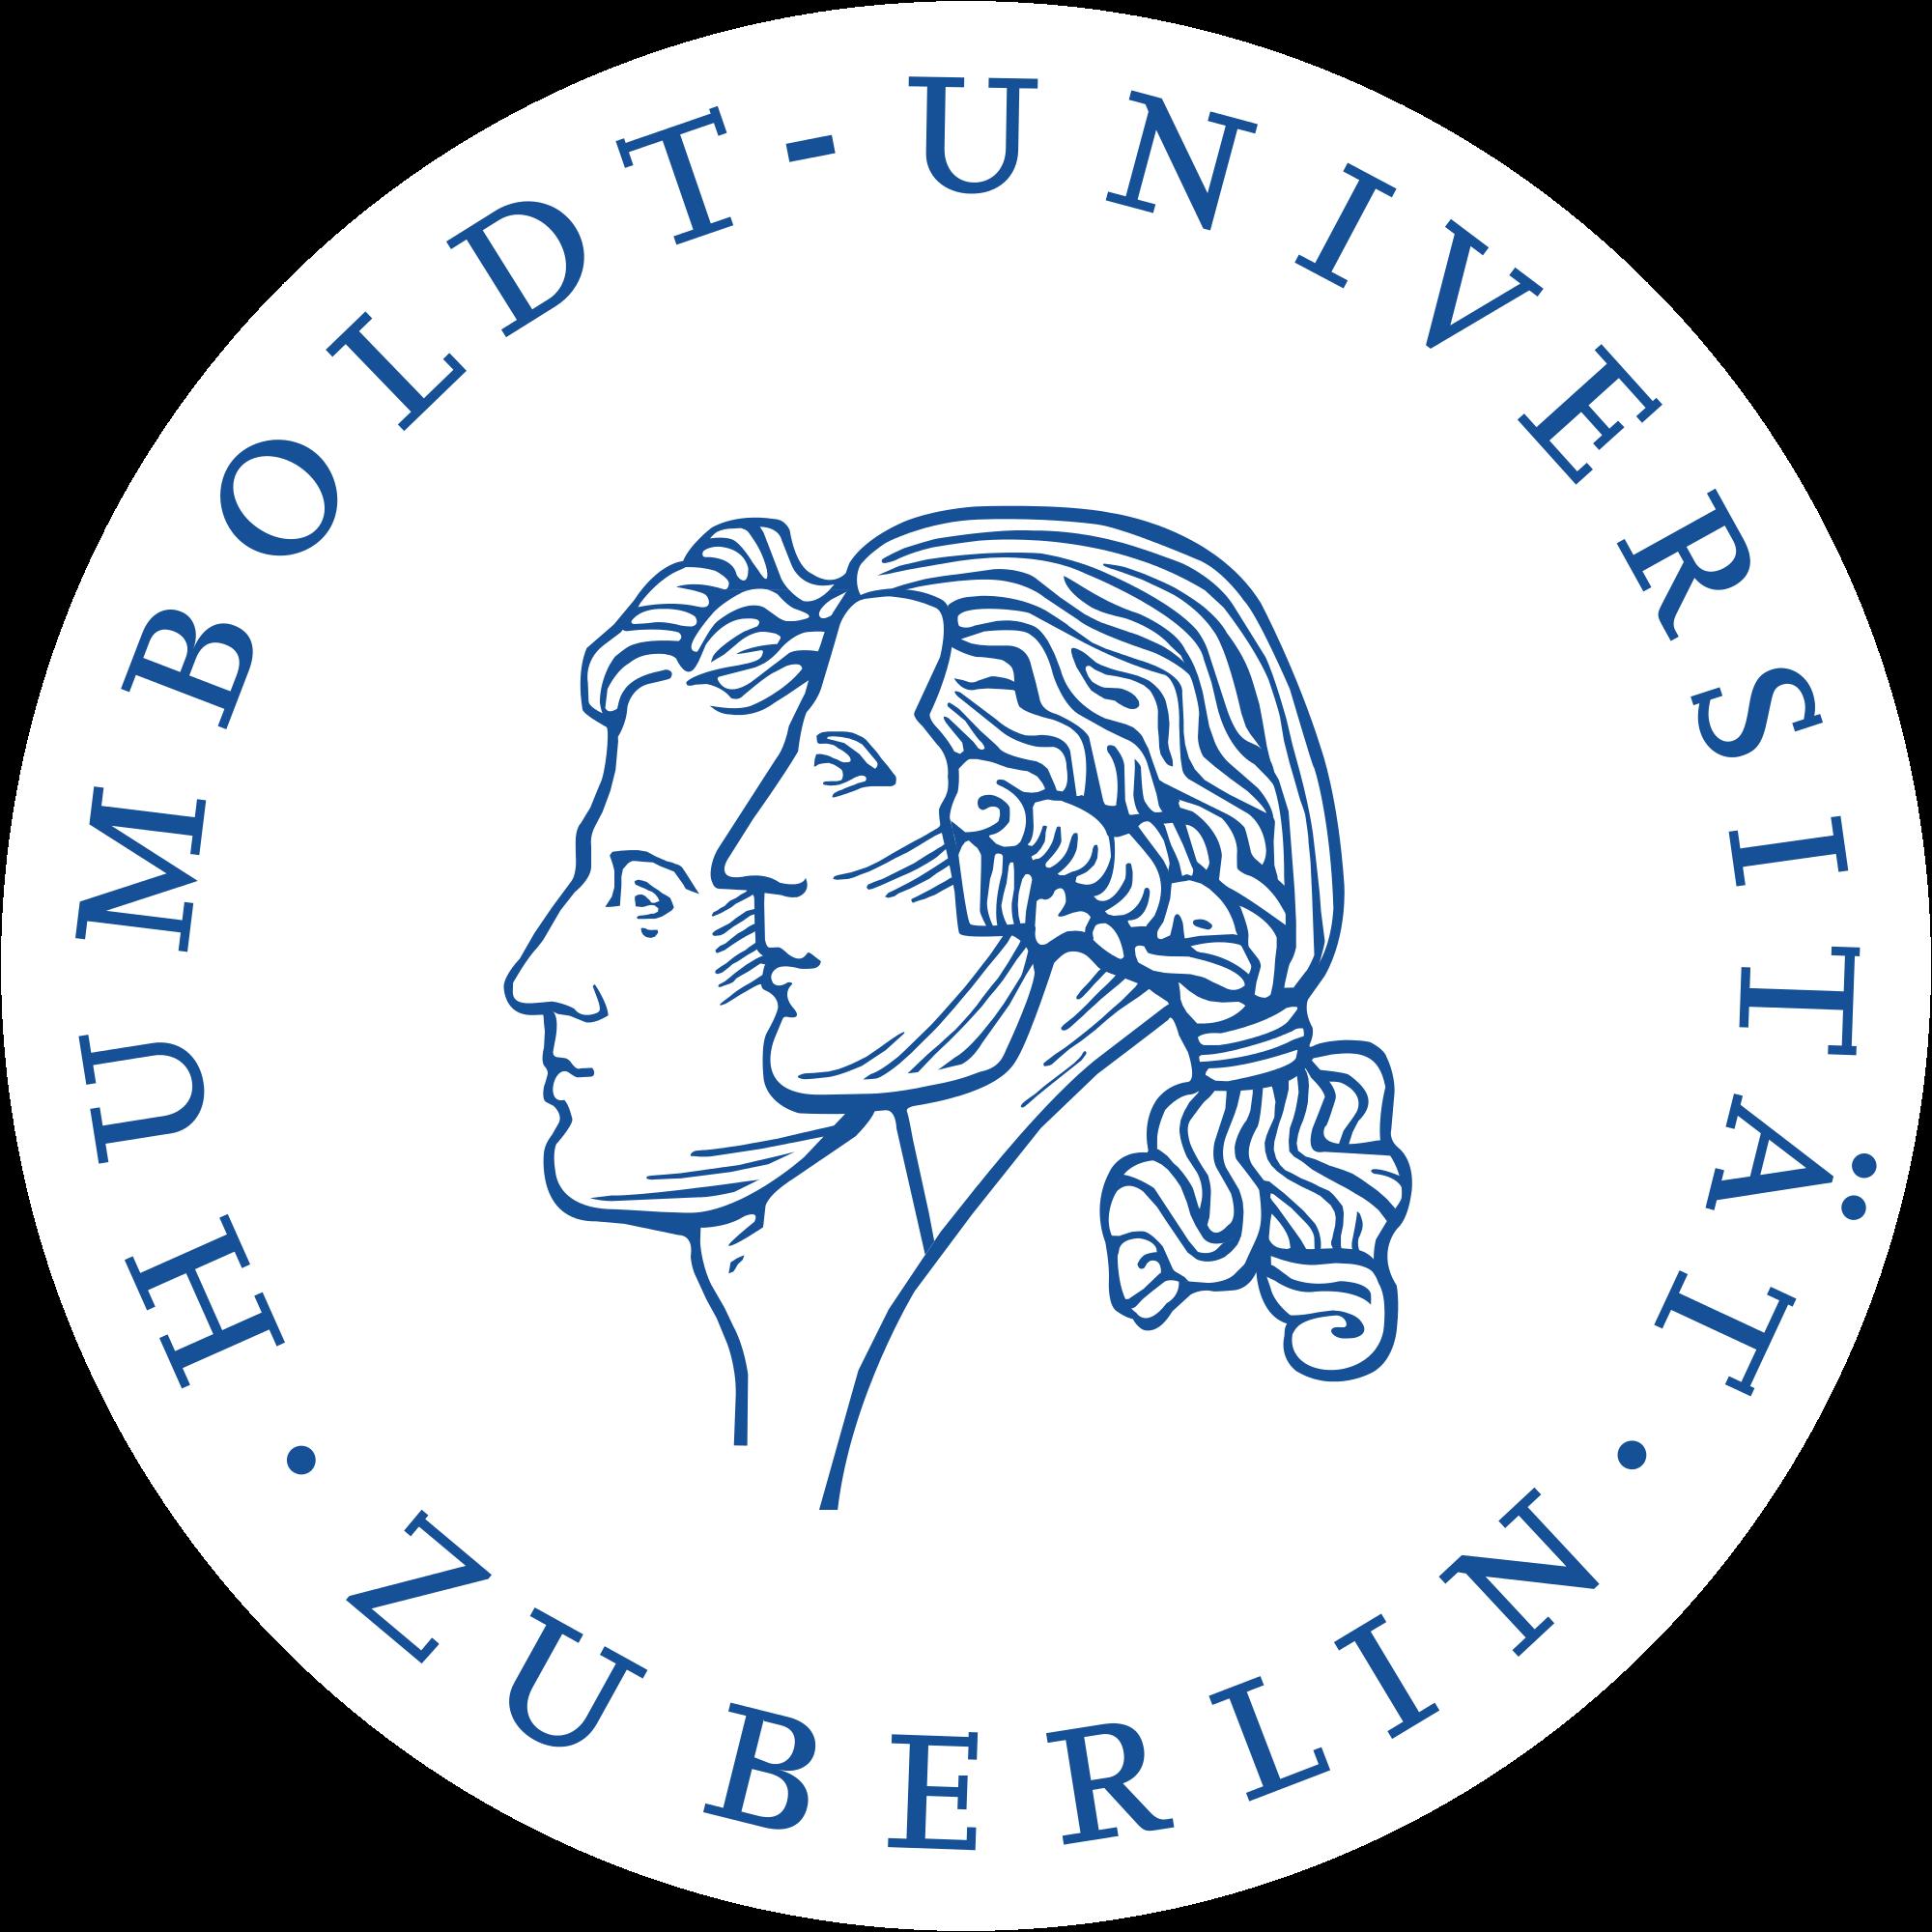 Handelsrecht an der Humboldt-Universität zu Berlin